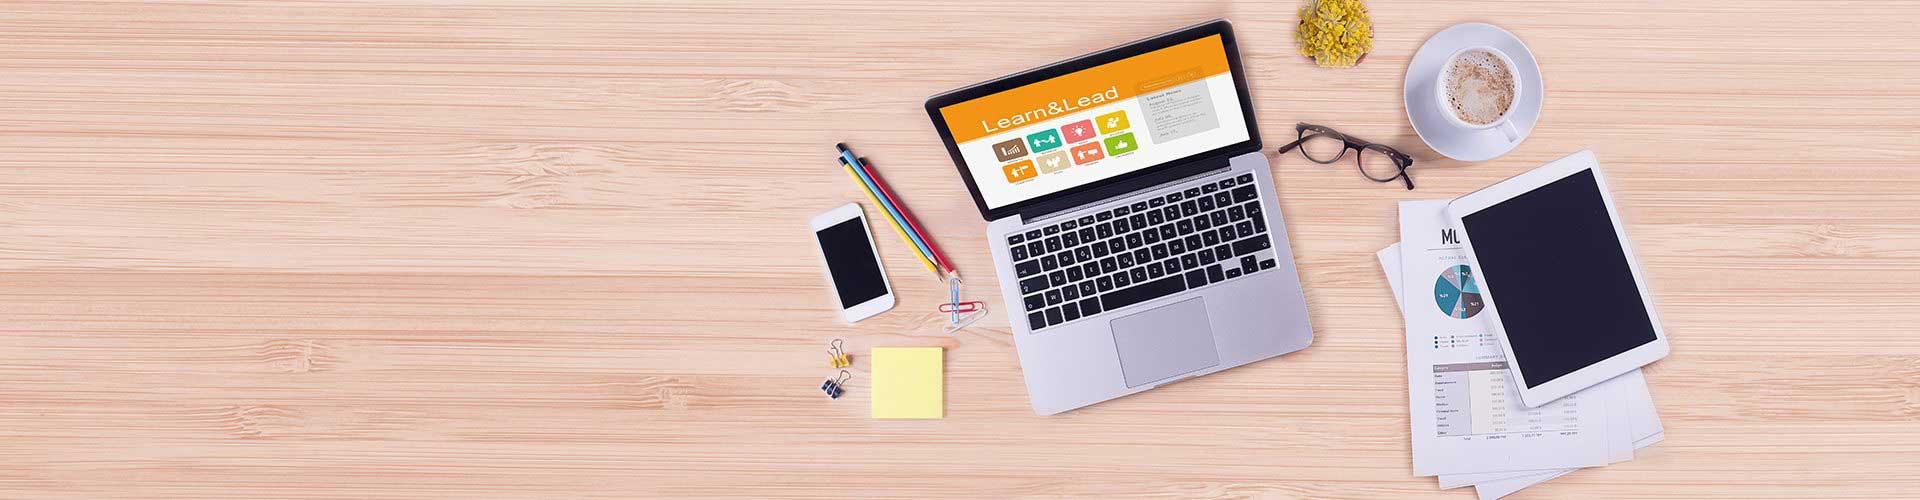 digitales Lernen mit Laptop, Tablet und Smartphone